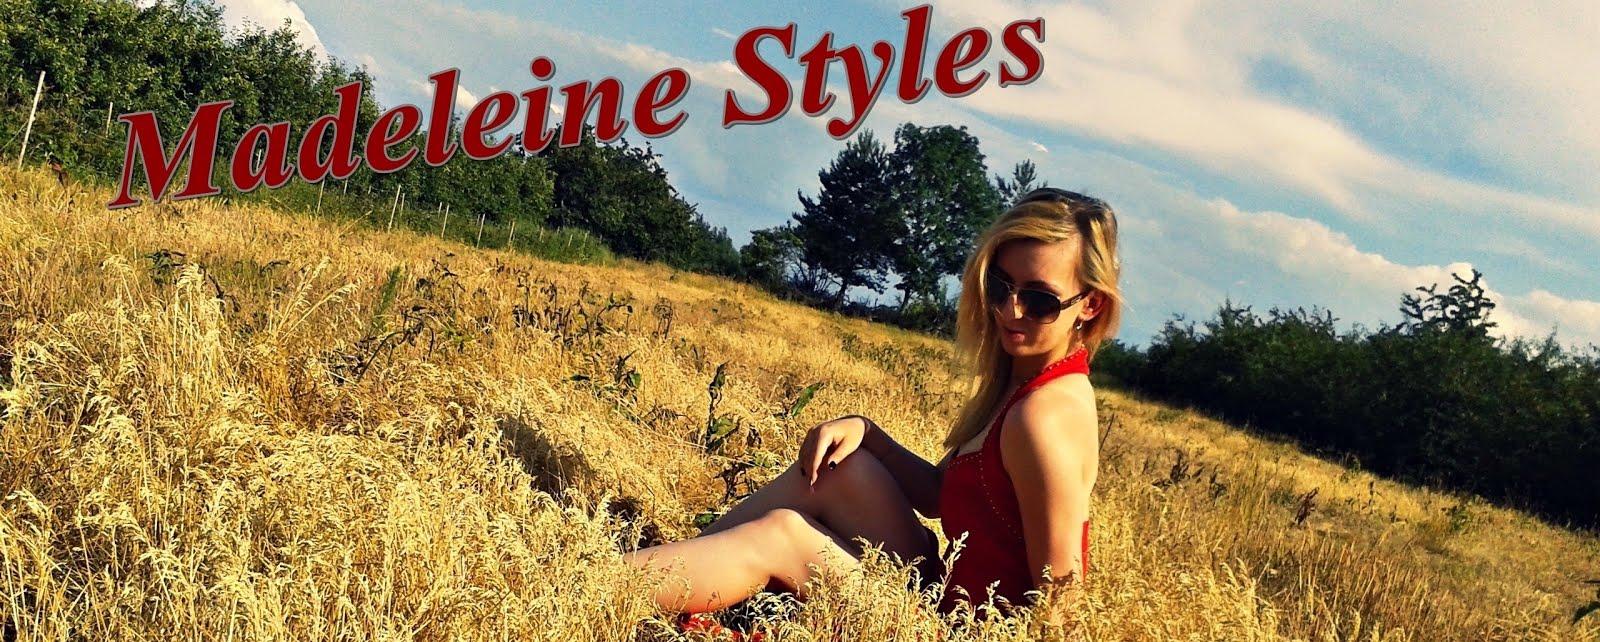 Madeleine Styles